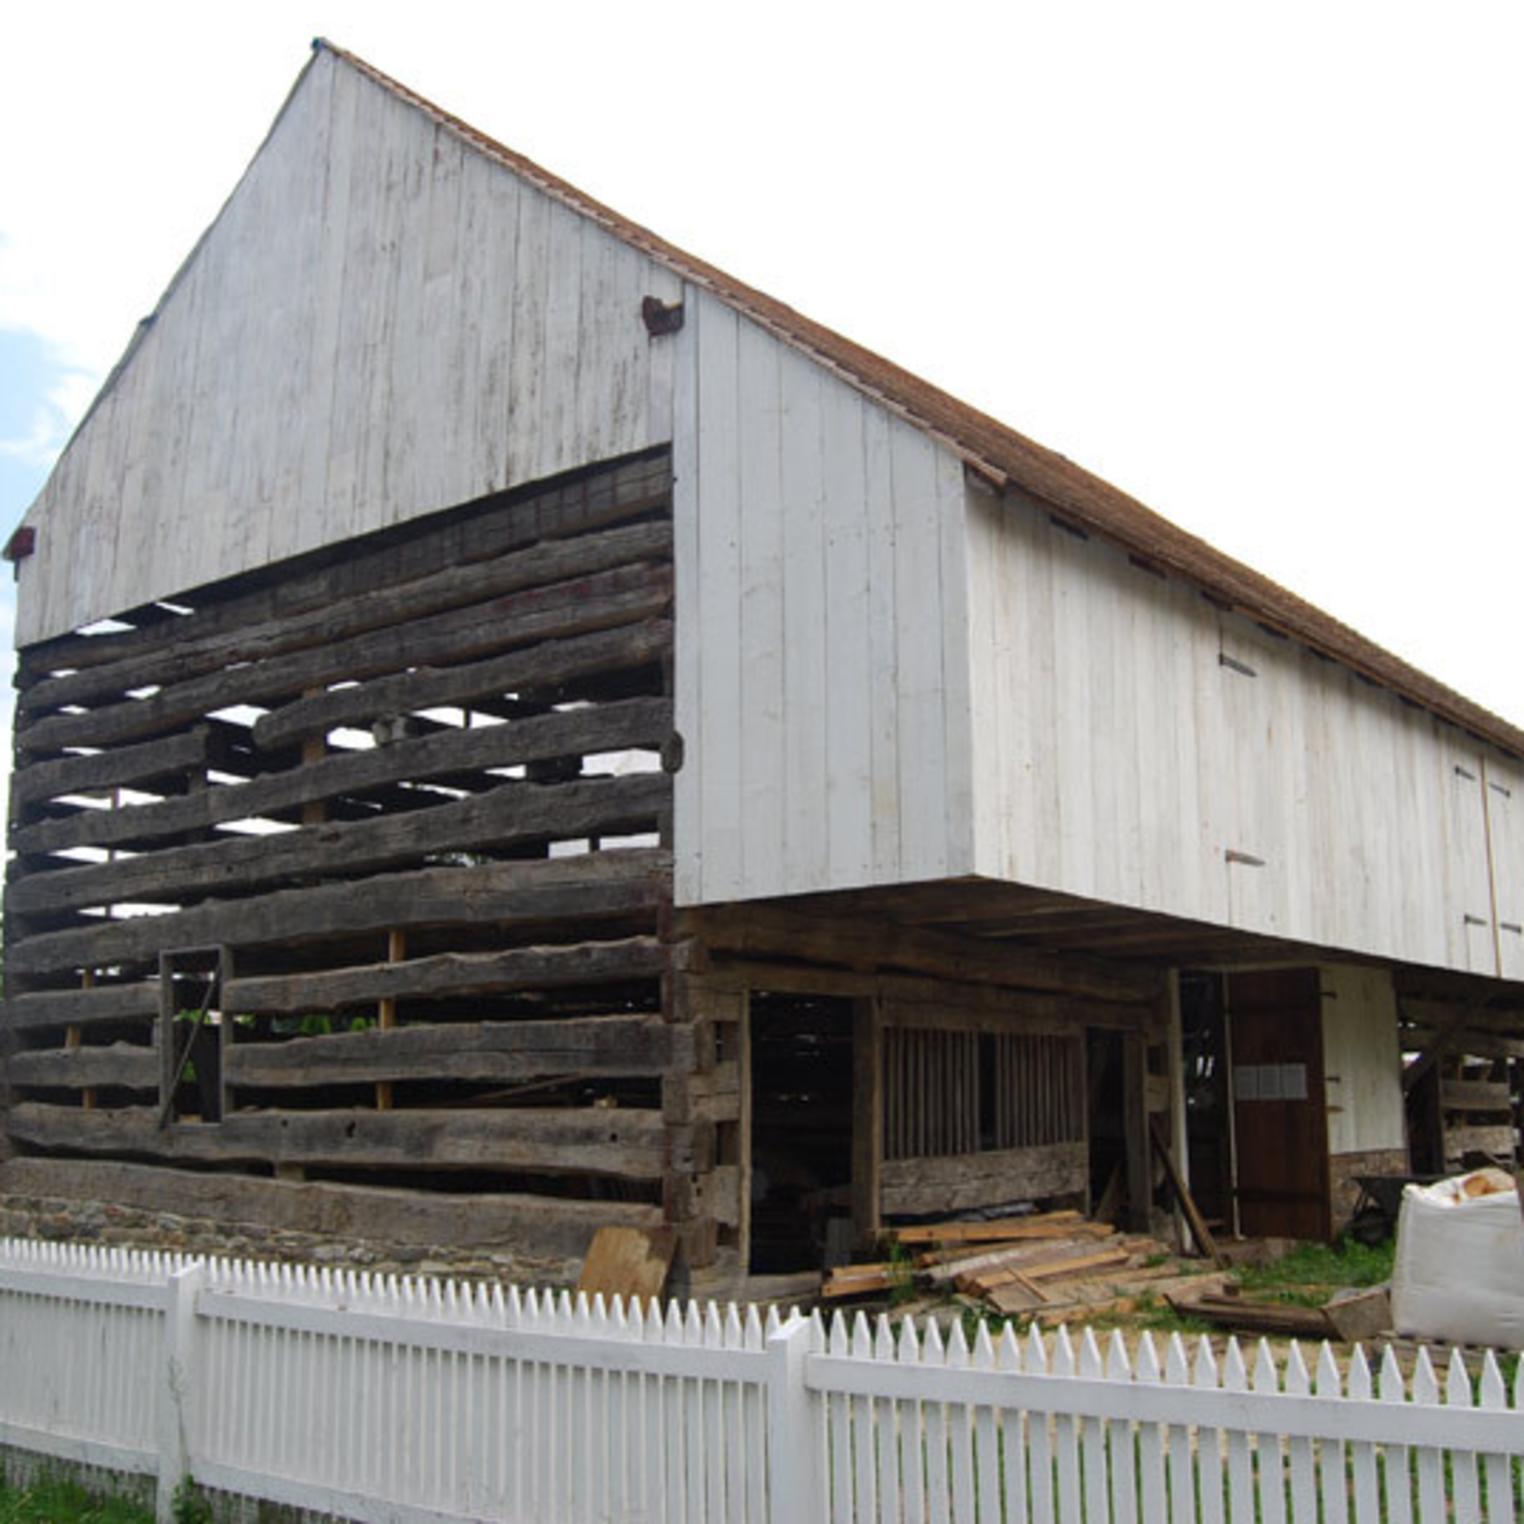 Dill's Tavern Barn